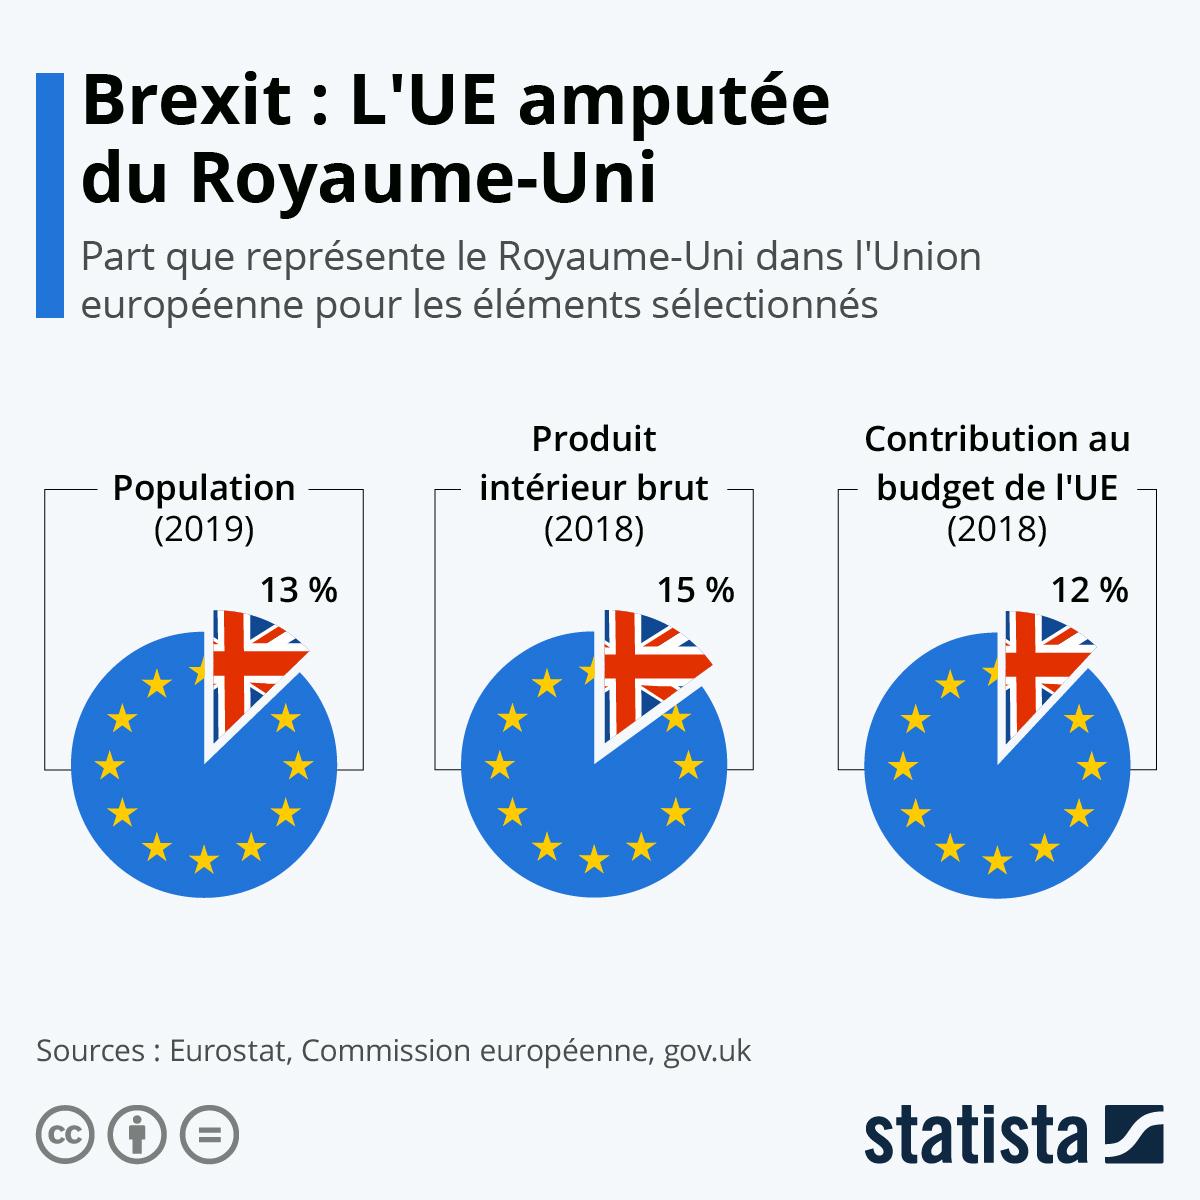 Infographie: L'Union européenne amputée du Royaume-Uni | Statista